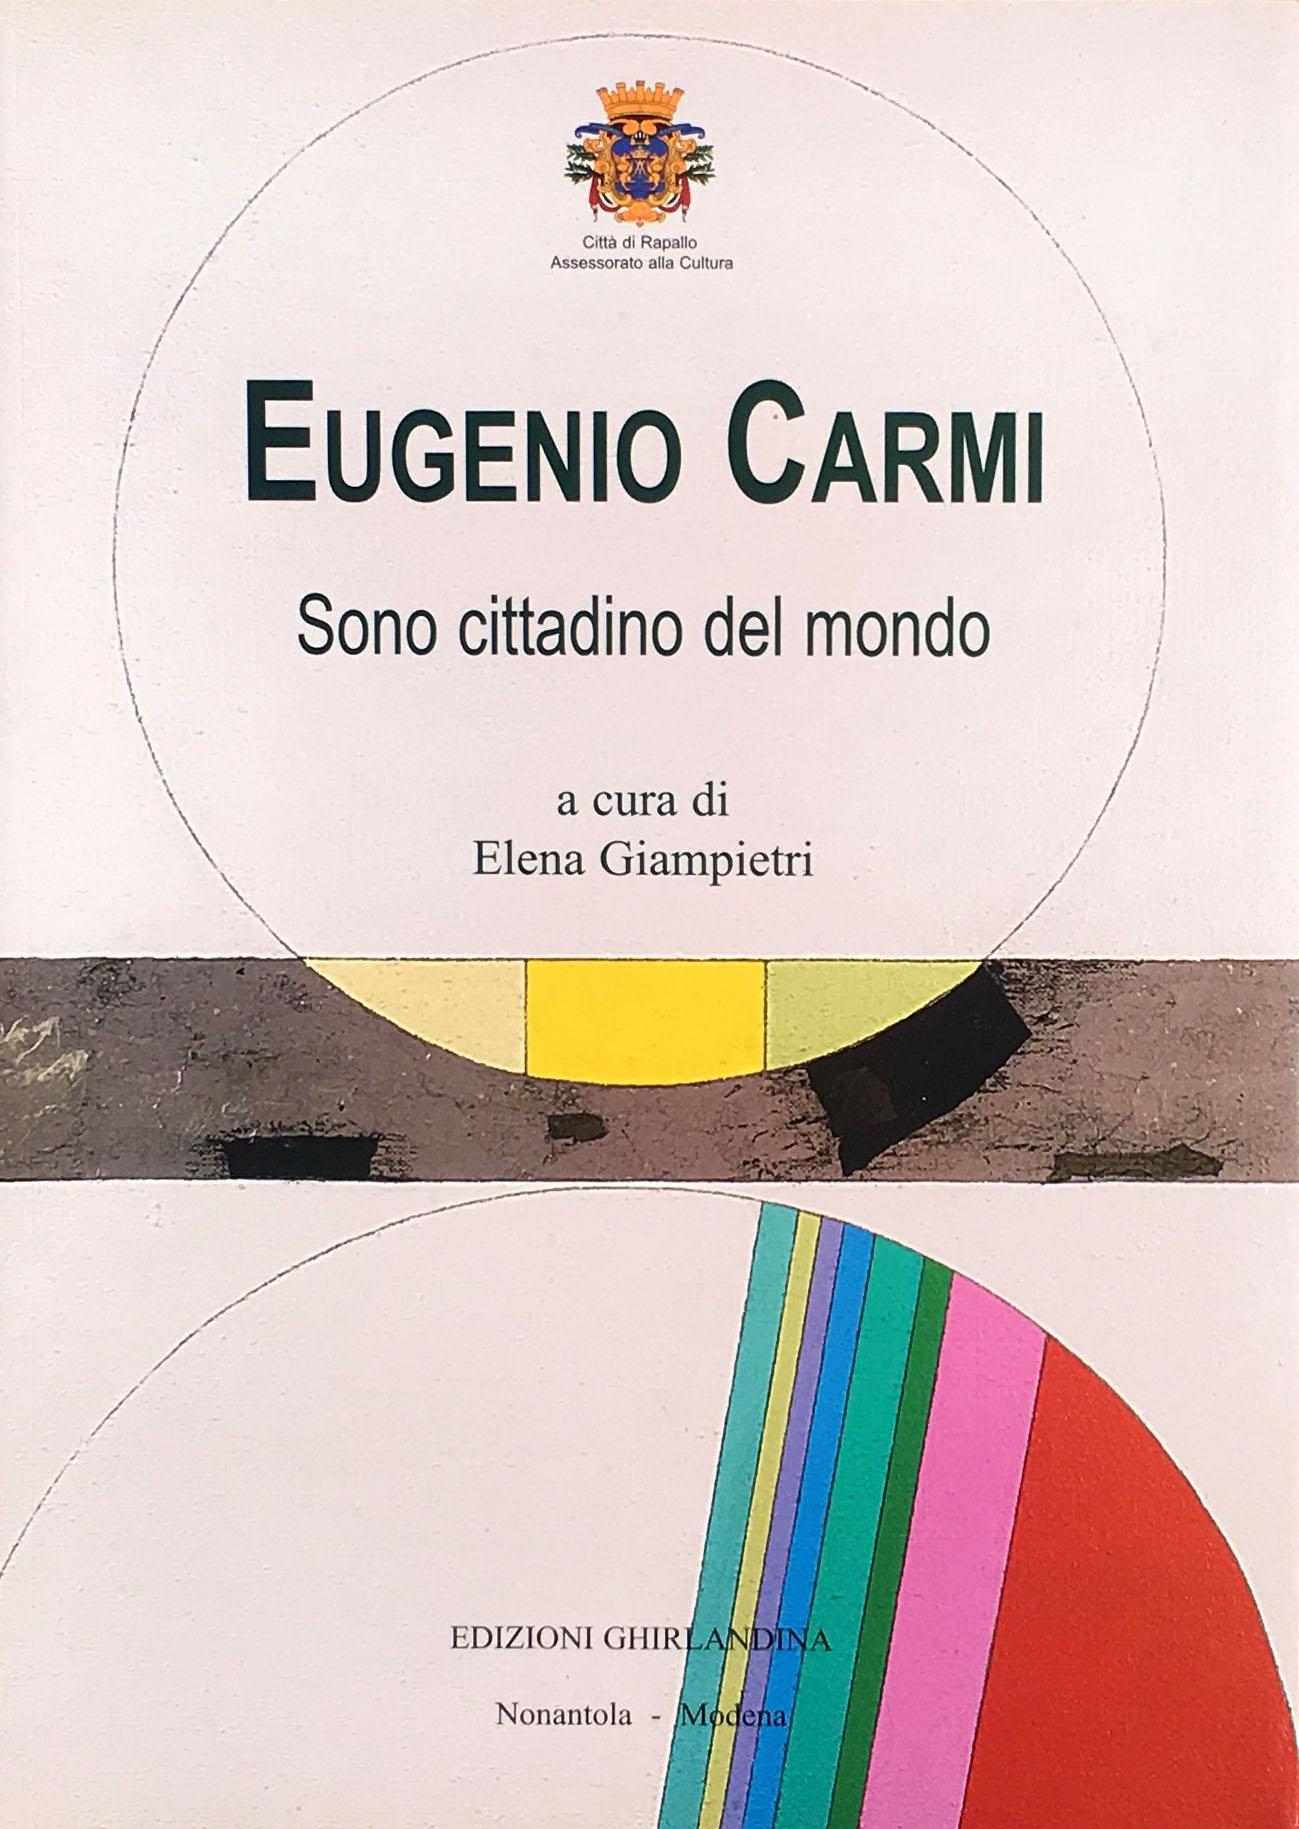 Eugenio Carmi